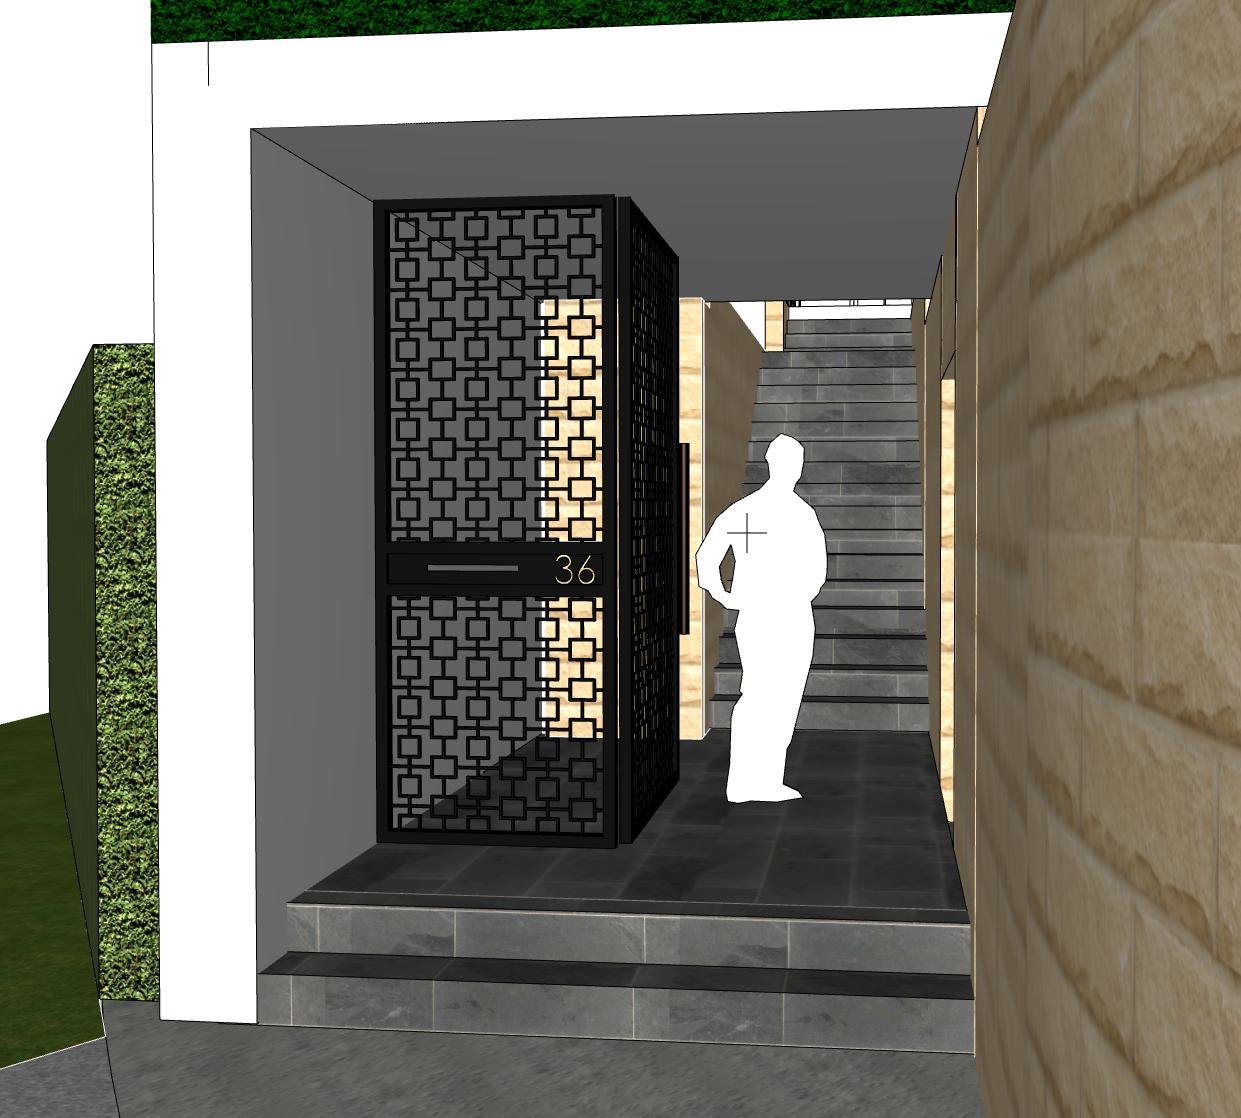 wentworth entrance